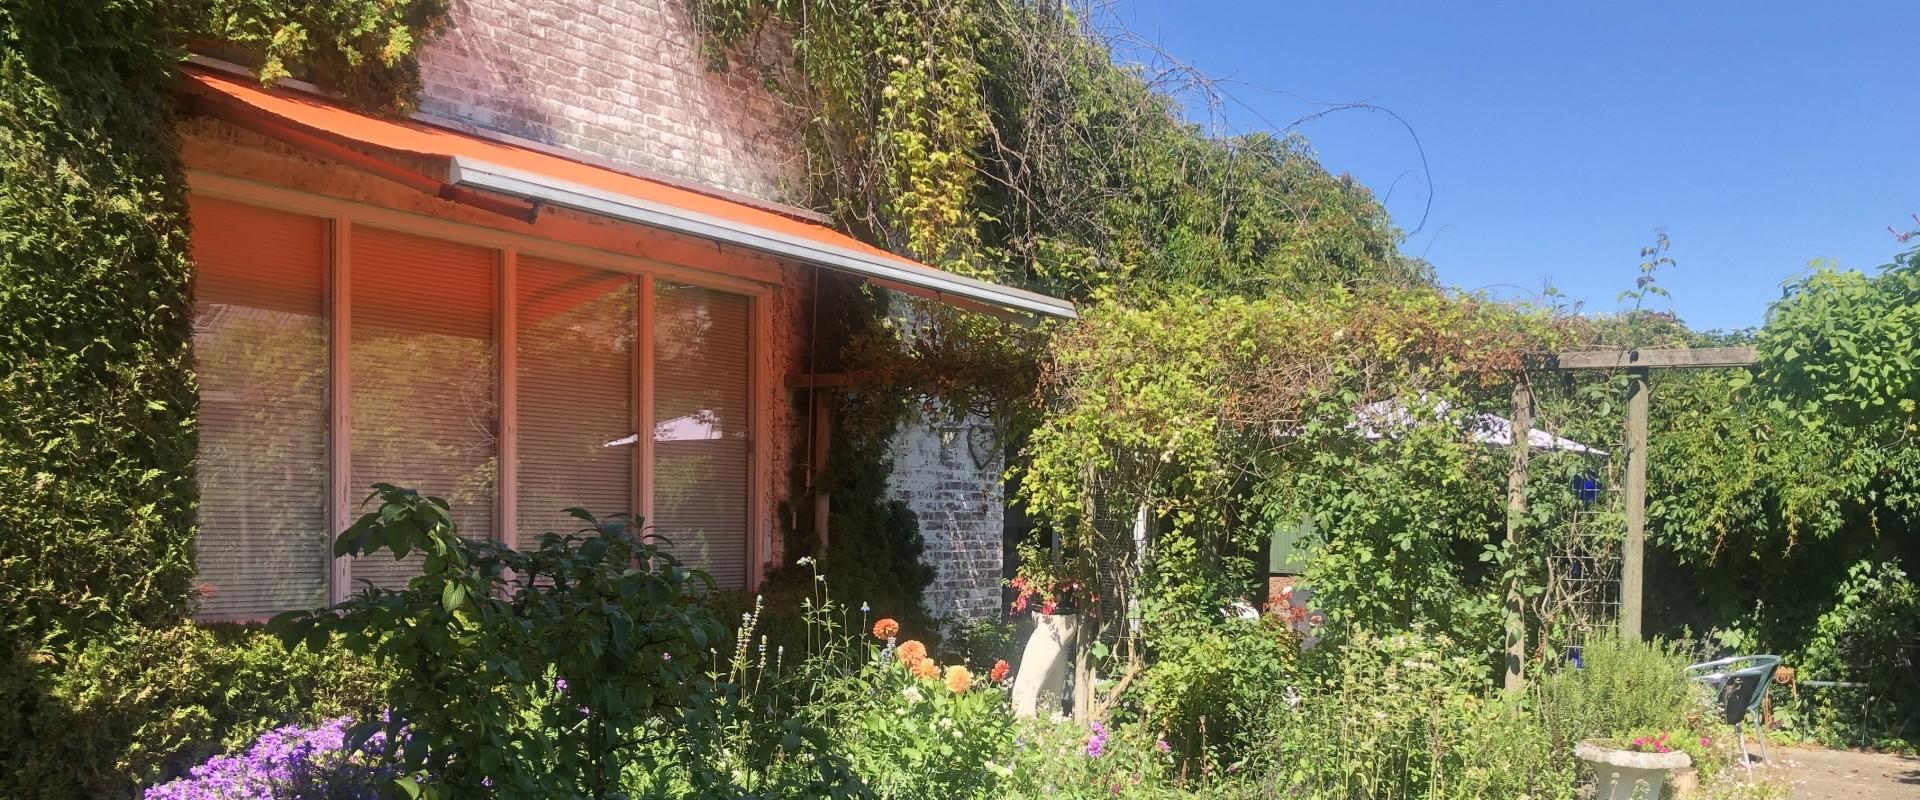 Te koop. Brouwerskamp 3/5 Doetinchem - Vrijstaande bungalow, een voormalige school, op 1354 m2 eigen grond